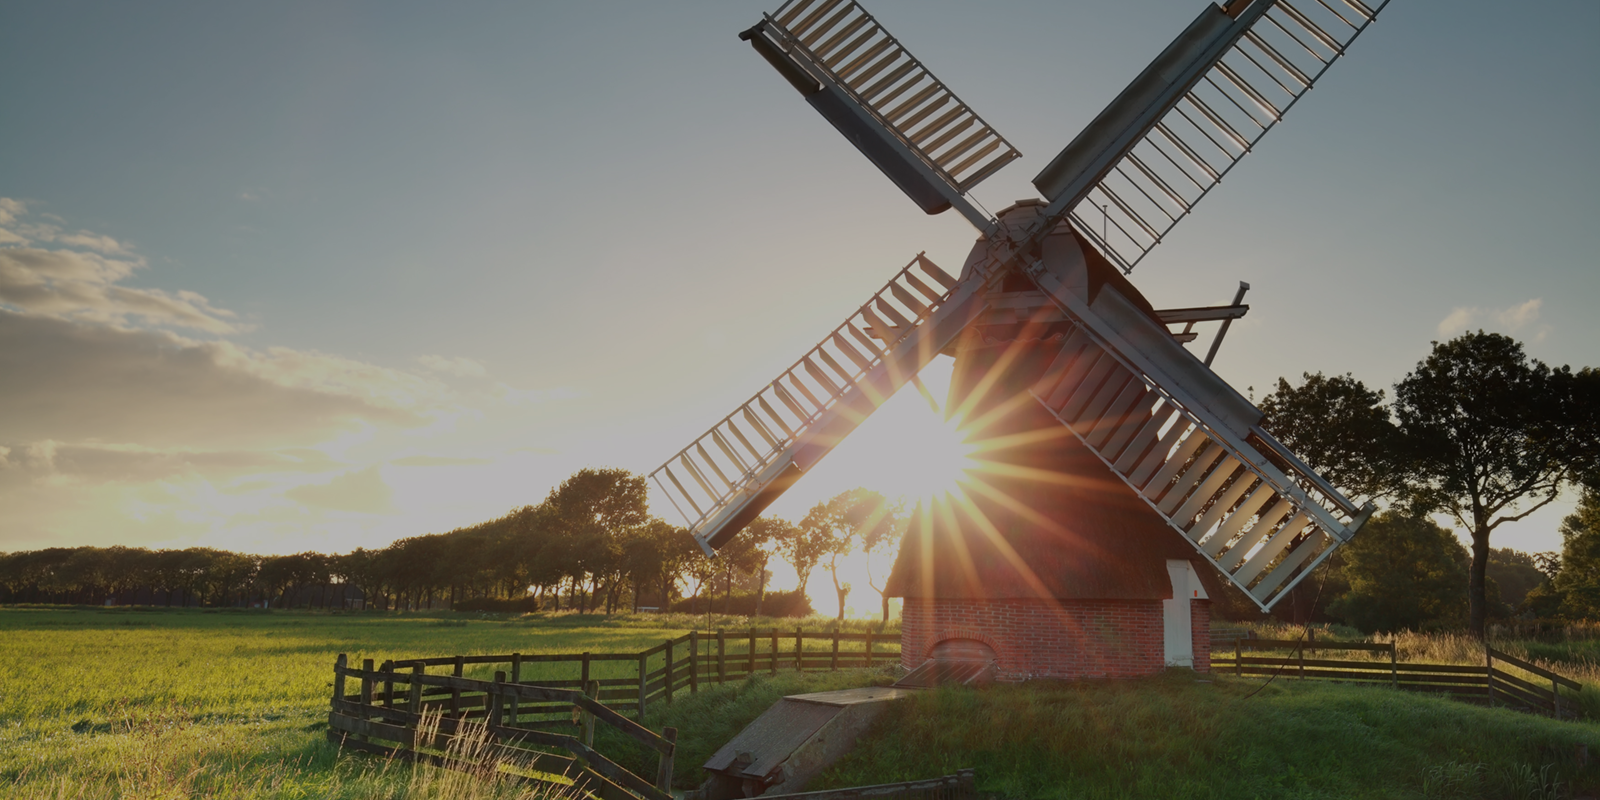 Hà Lan, The